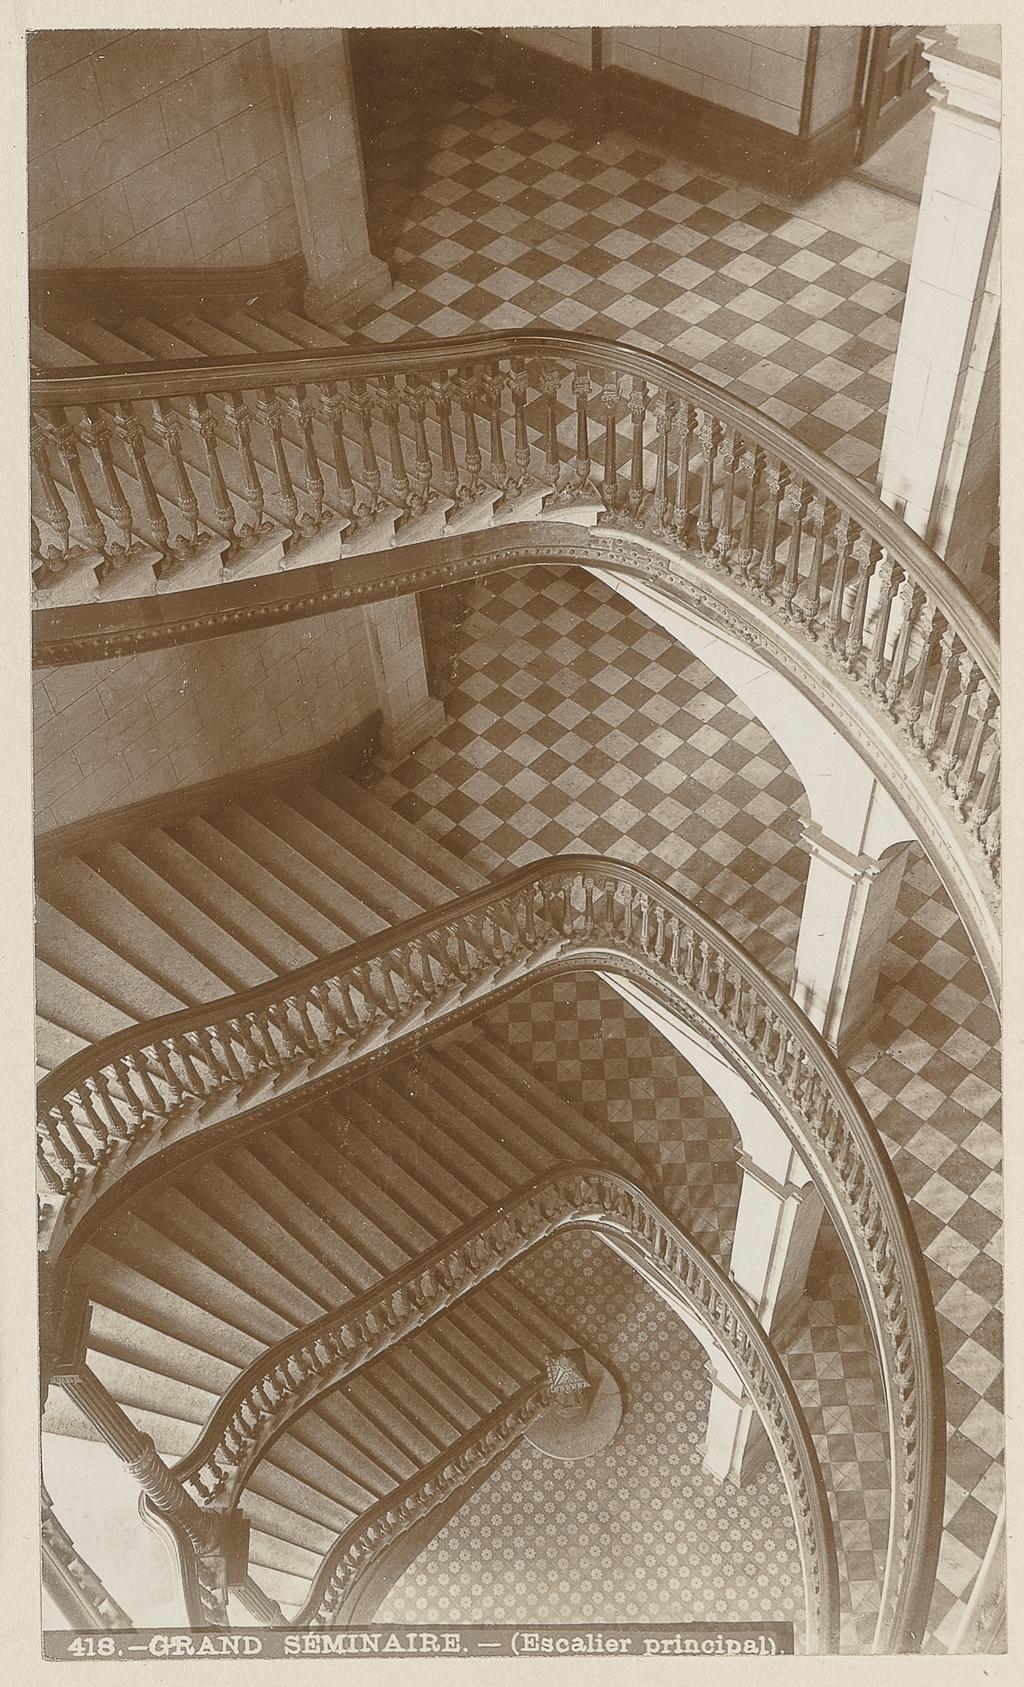 Le Grand Escalier du Grand Séminaire, Québec, de l'album Maisons d'éducation de la province de Québec